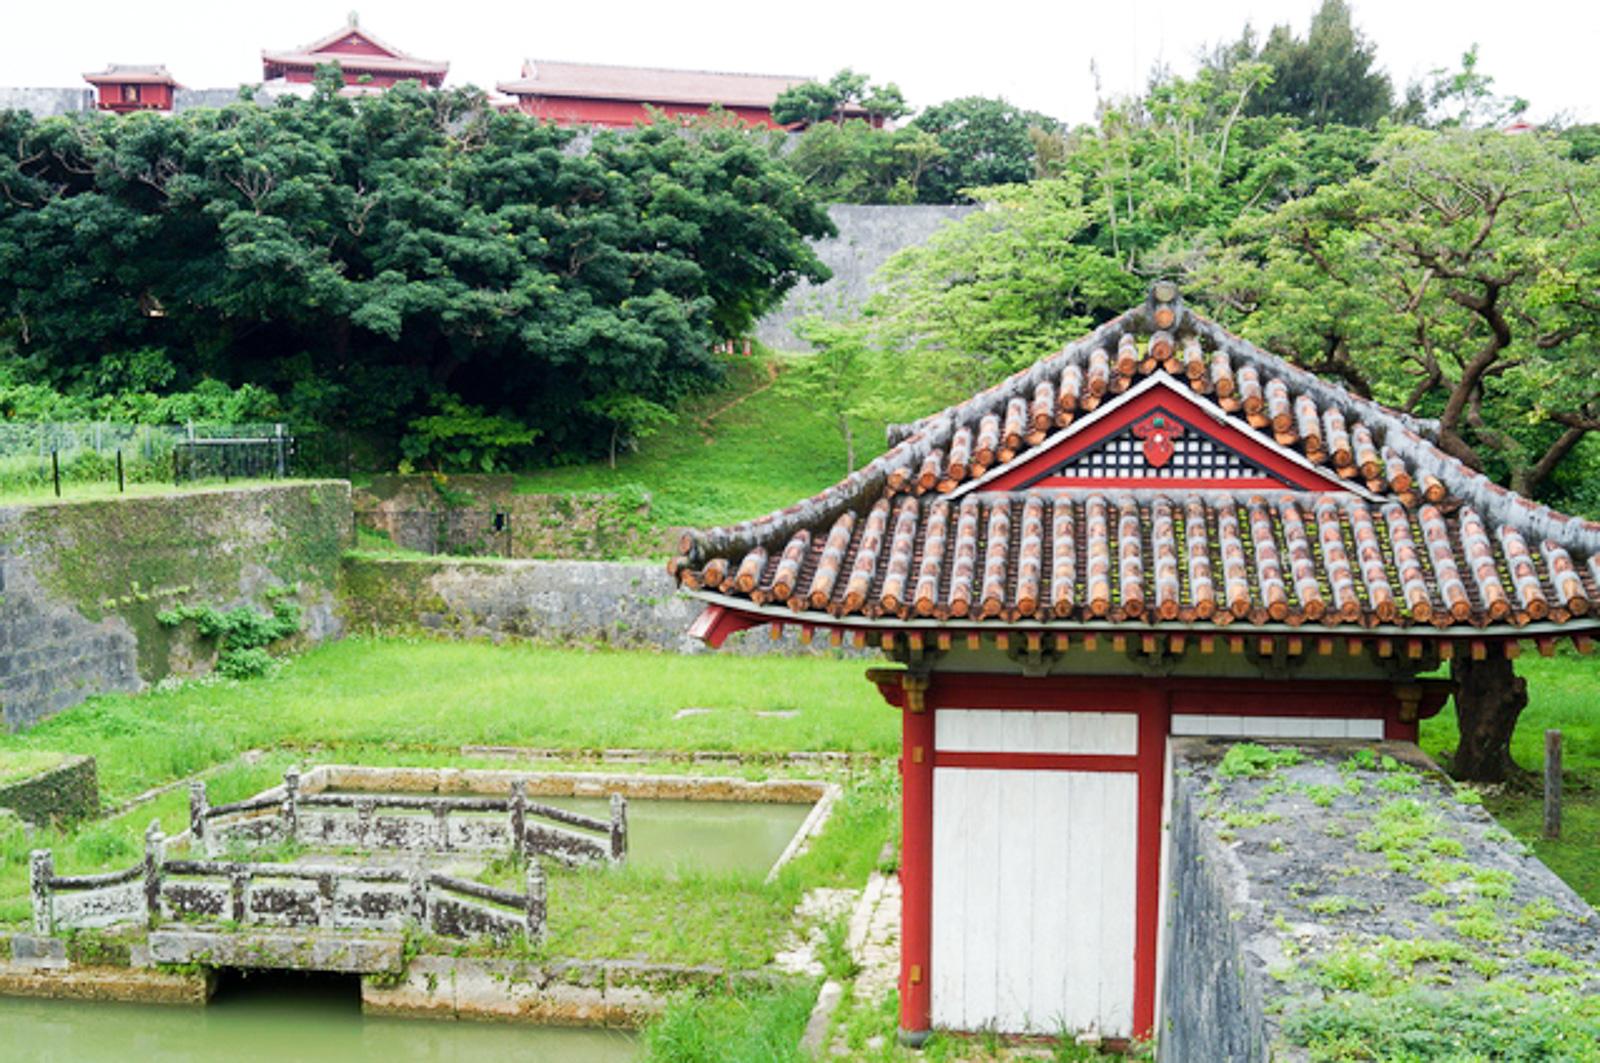 円覚寺(えんかくじ)